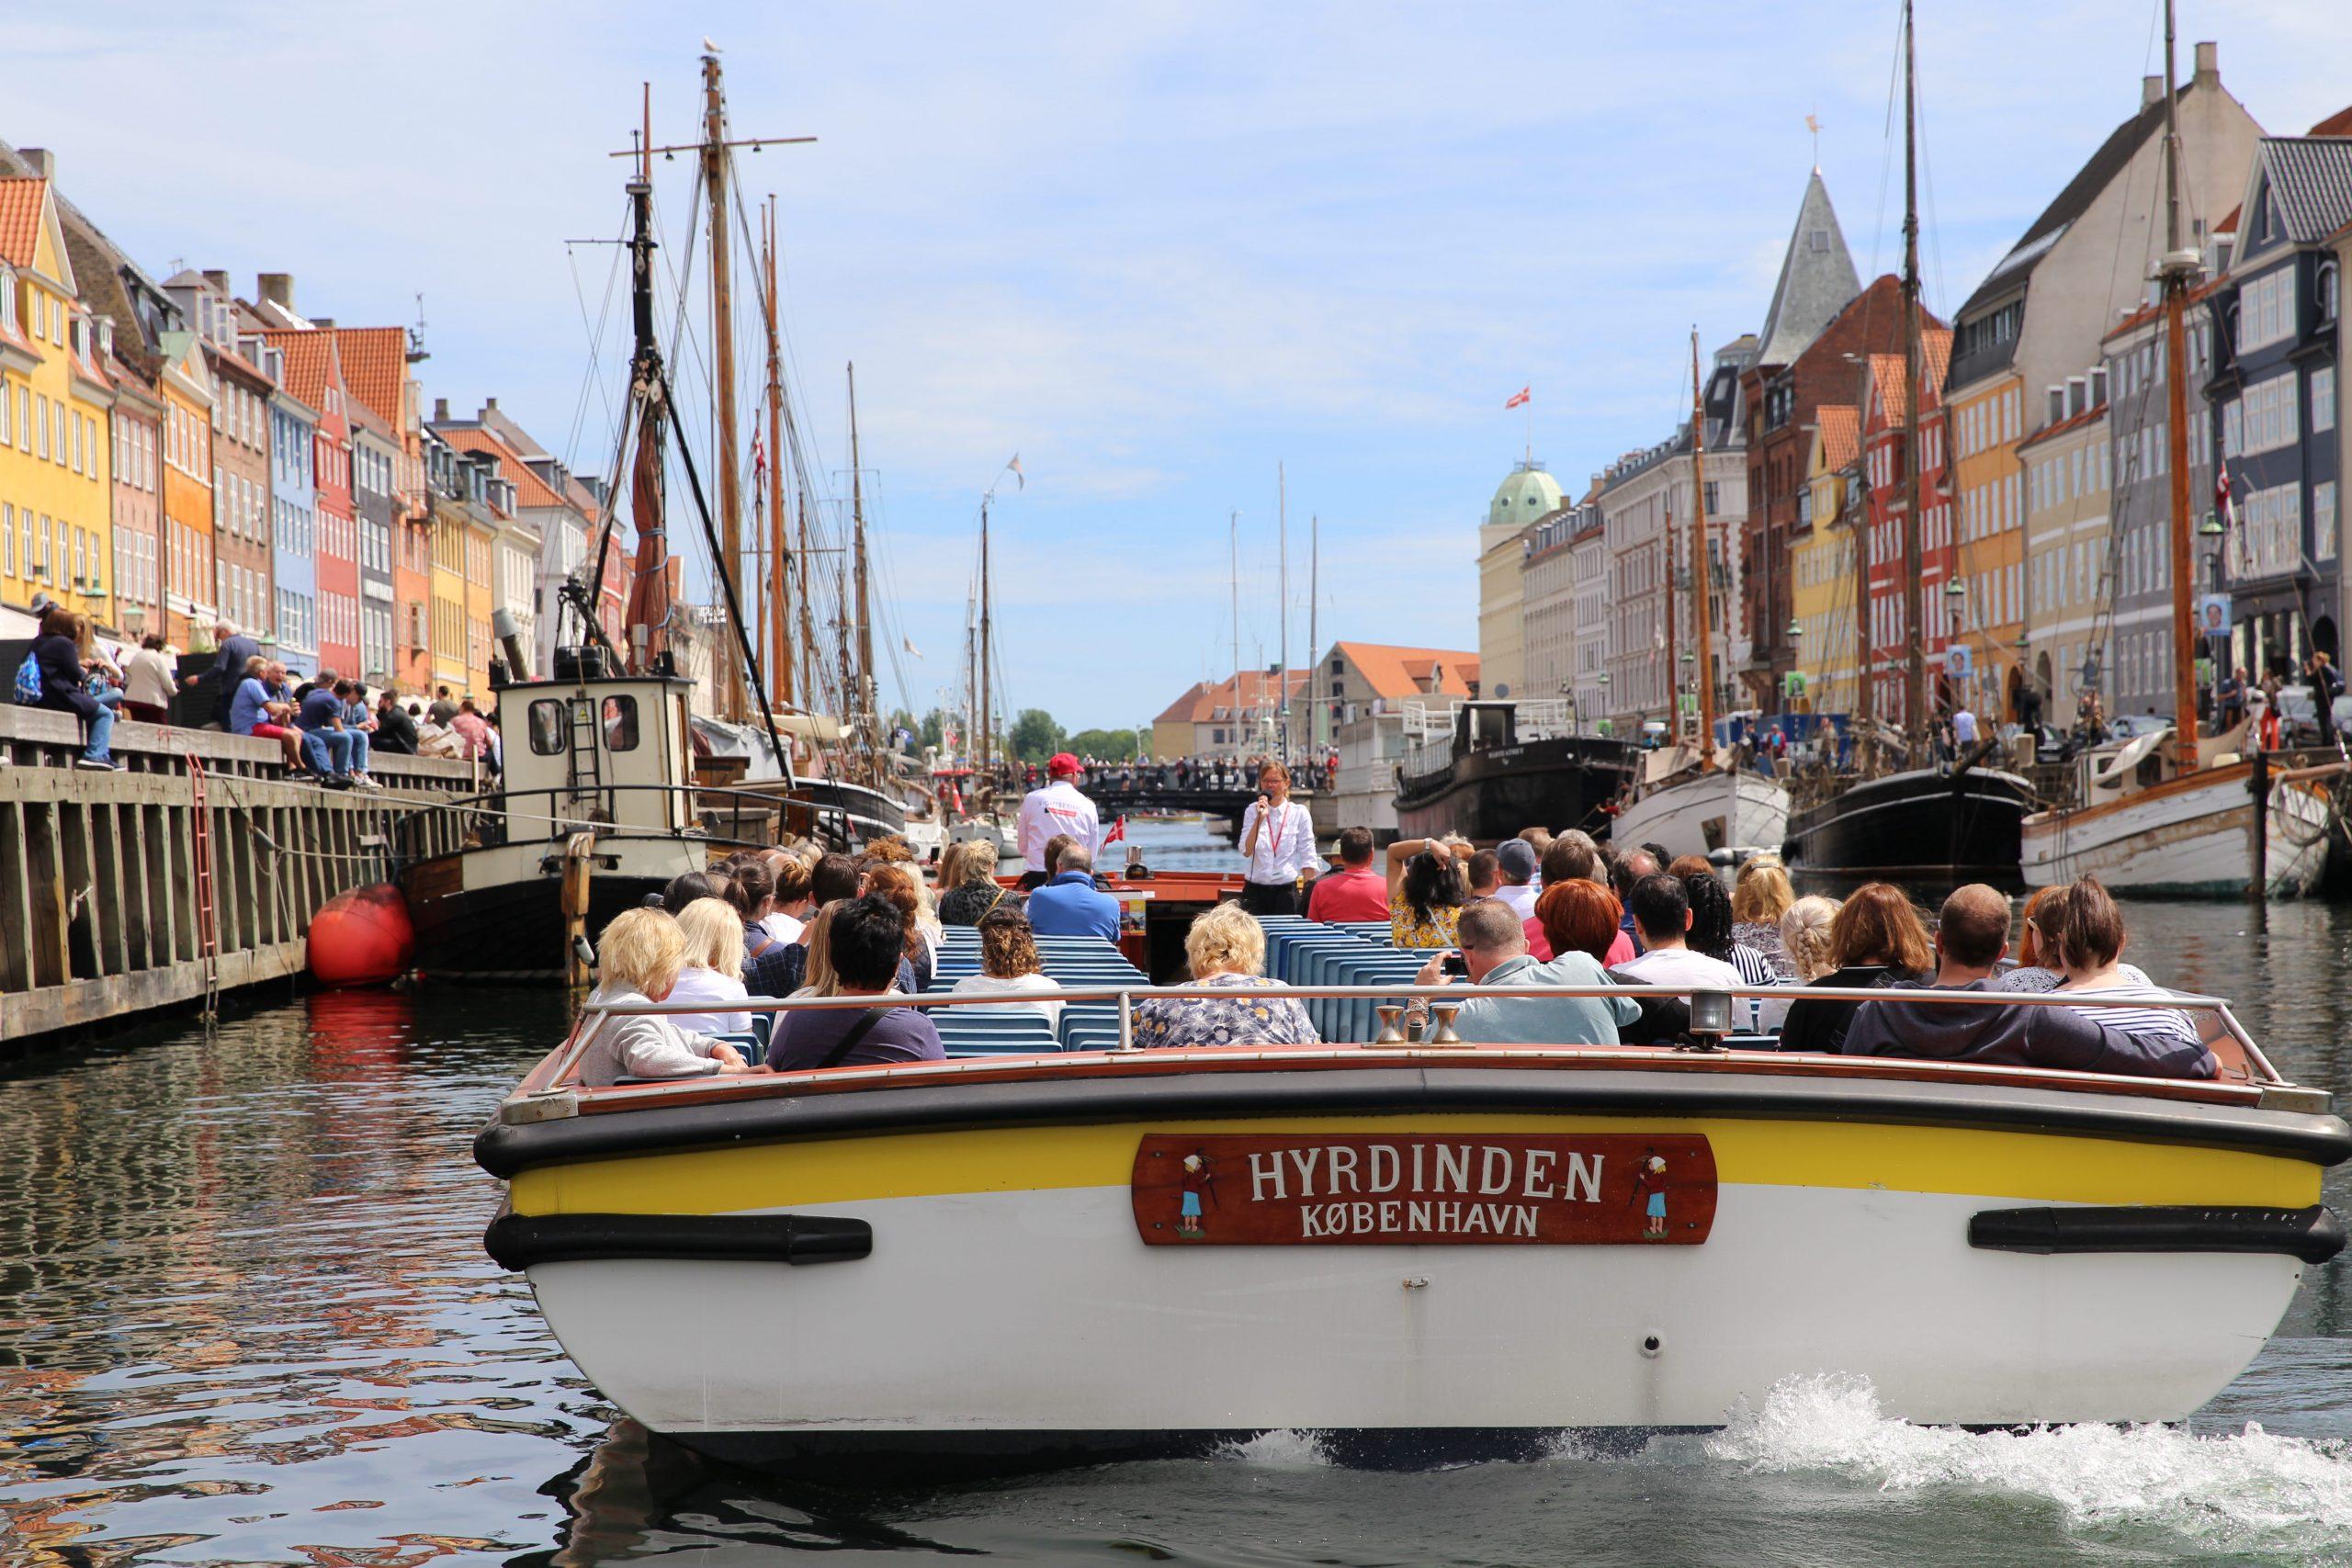 Fra mandag den 8. juni sejler Canal Tours igen i Københavns Havn. Normalt har selskabet 17 kanalbåde, i første omgang startes der med blot én. Arkivpressefoto fra Strömma.